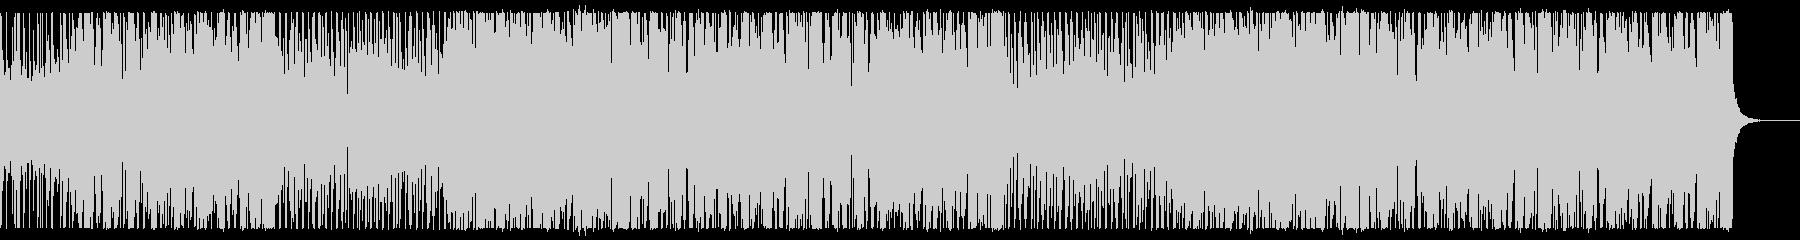 シティポップなアシッドジャズの未再生の波形